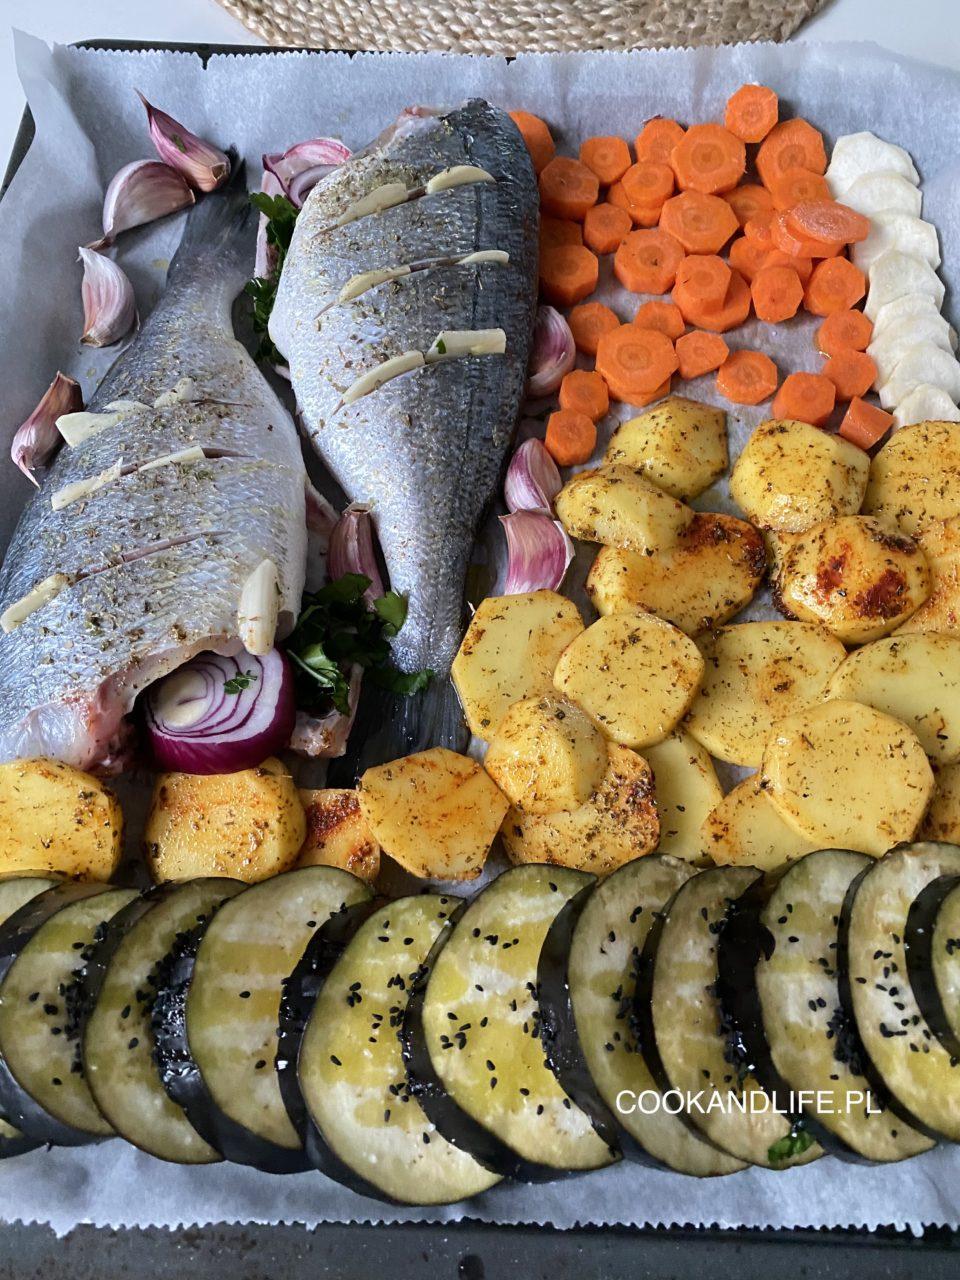 Dorada pieczona z warzywami, czyli sheet pan dinner